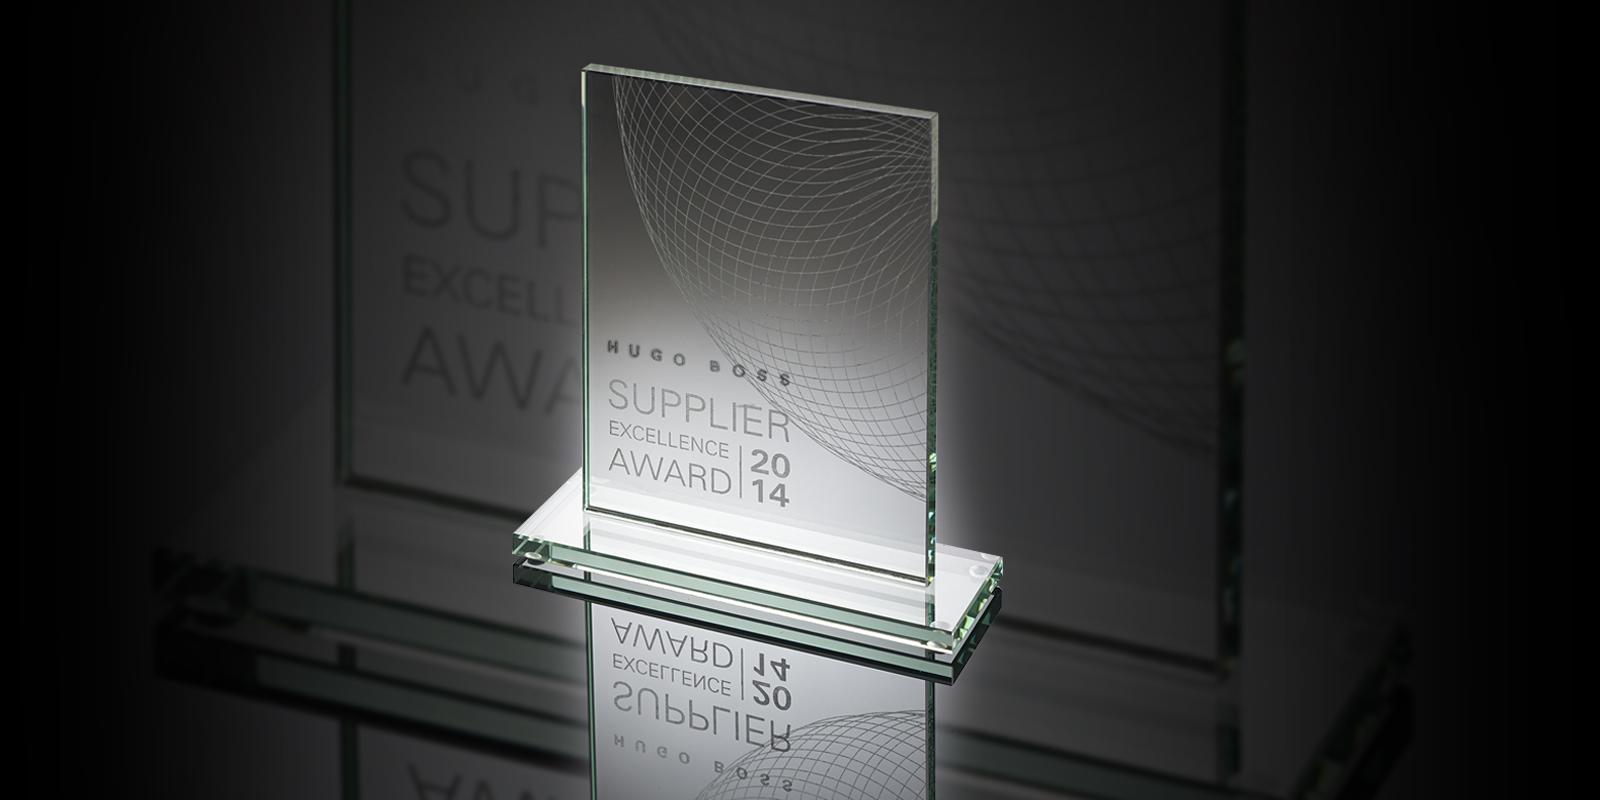 Premio Hugo Boss Supplier Excellence Award 2014